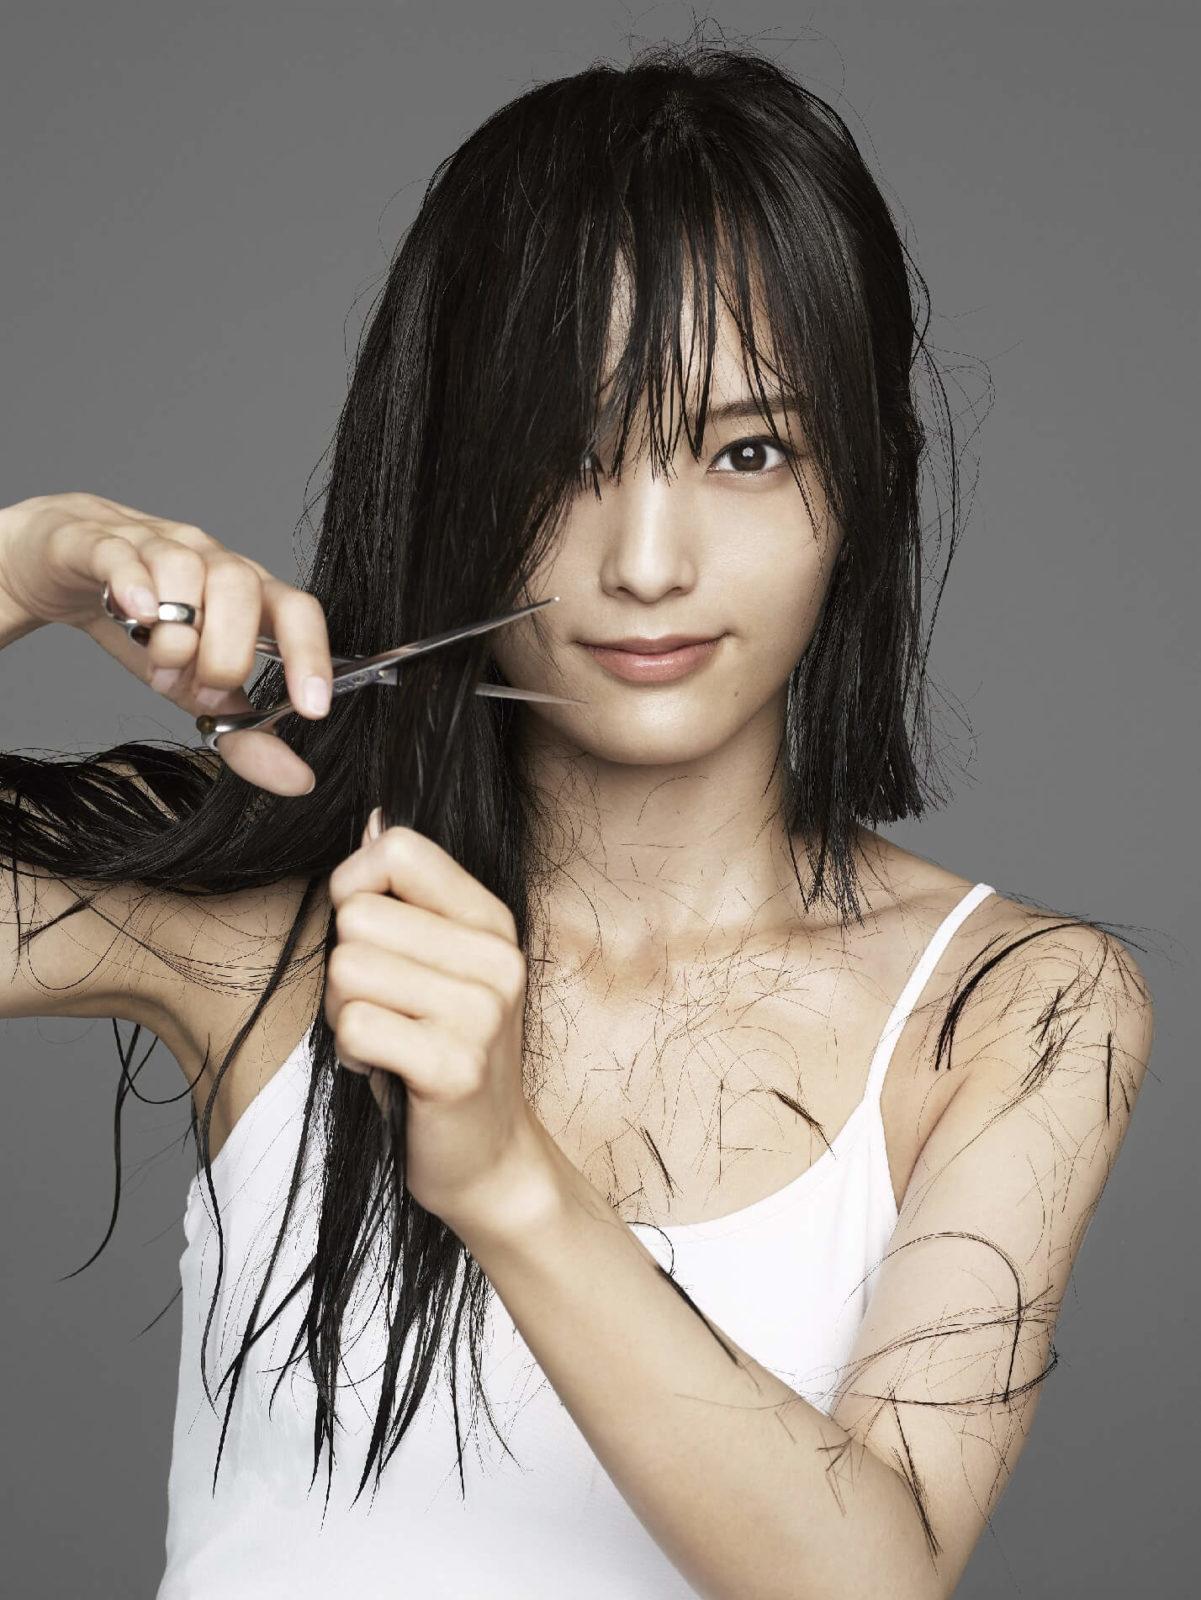 『ツタロックフェス2019』出演アーティスト第6弾にサイダーガール、山本彩が決定サムネイル画像